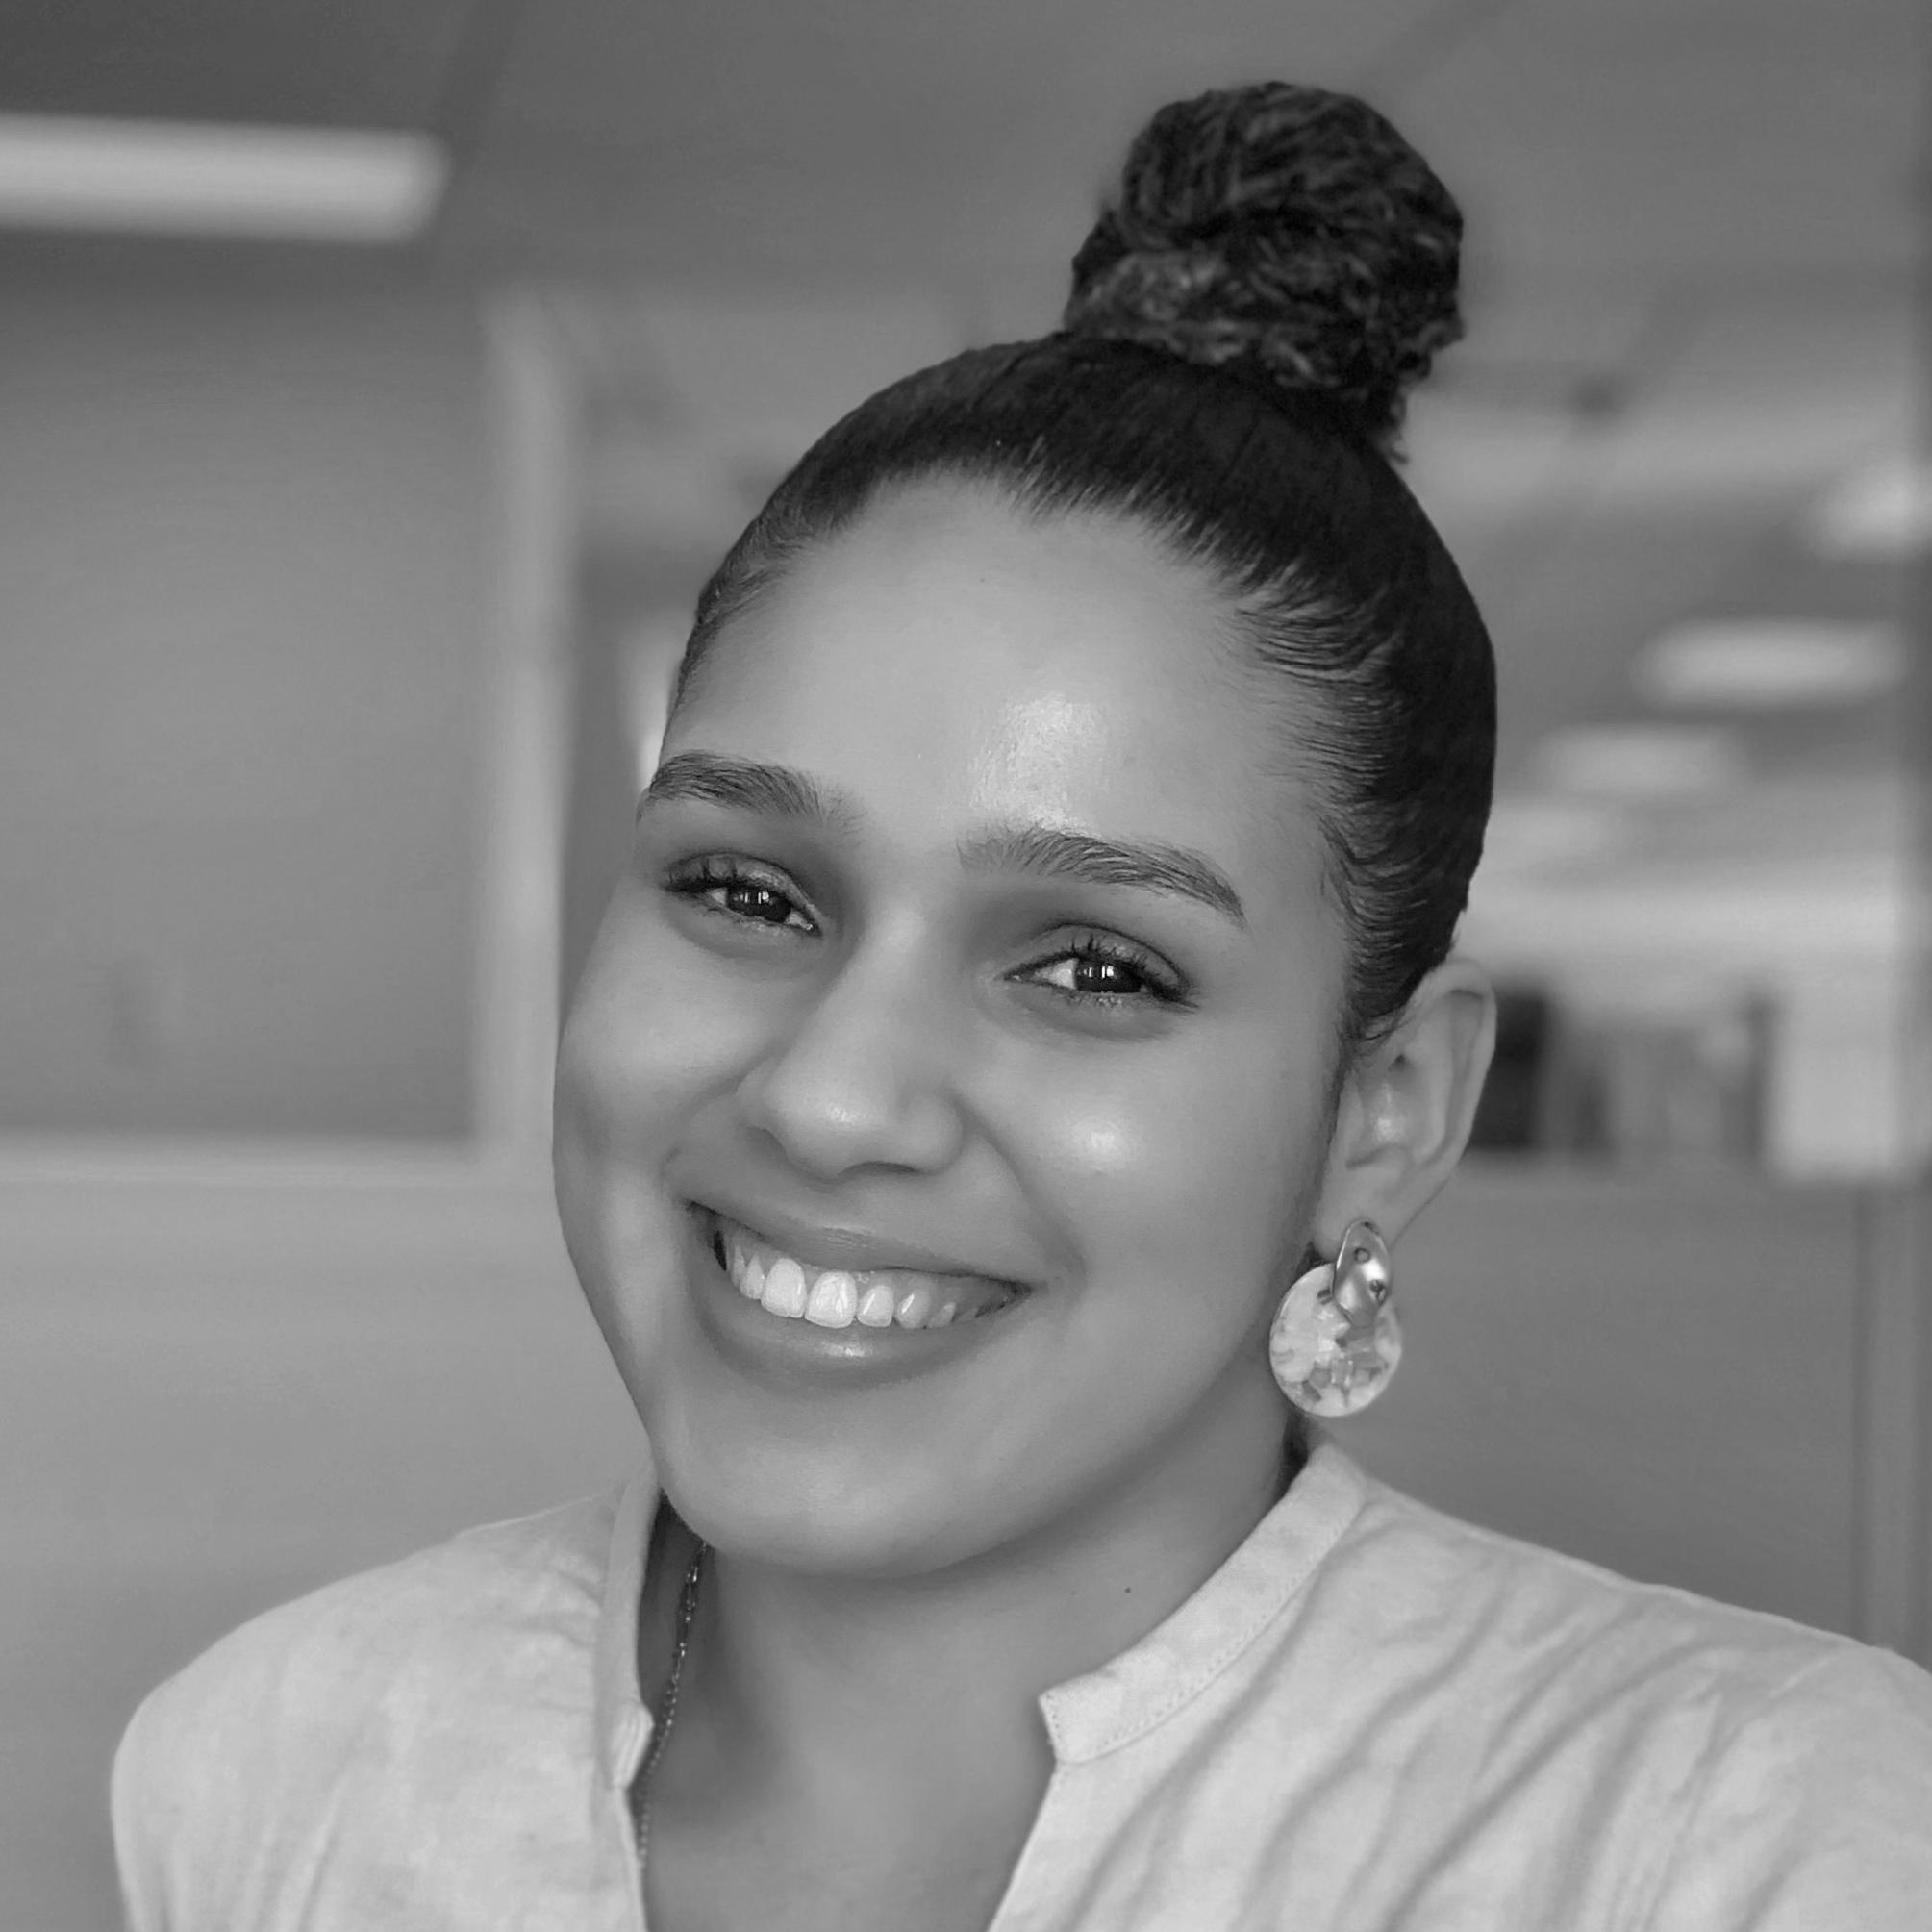 Black and white headshot image of Tahiana Abad, smiling.